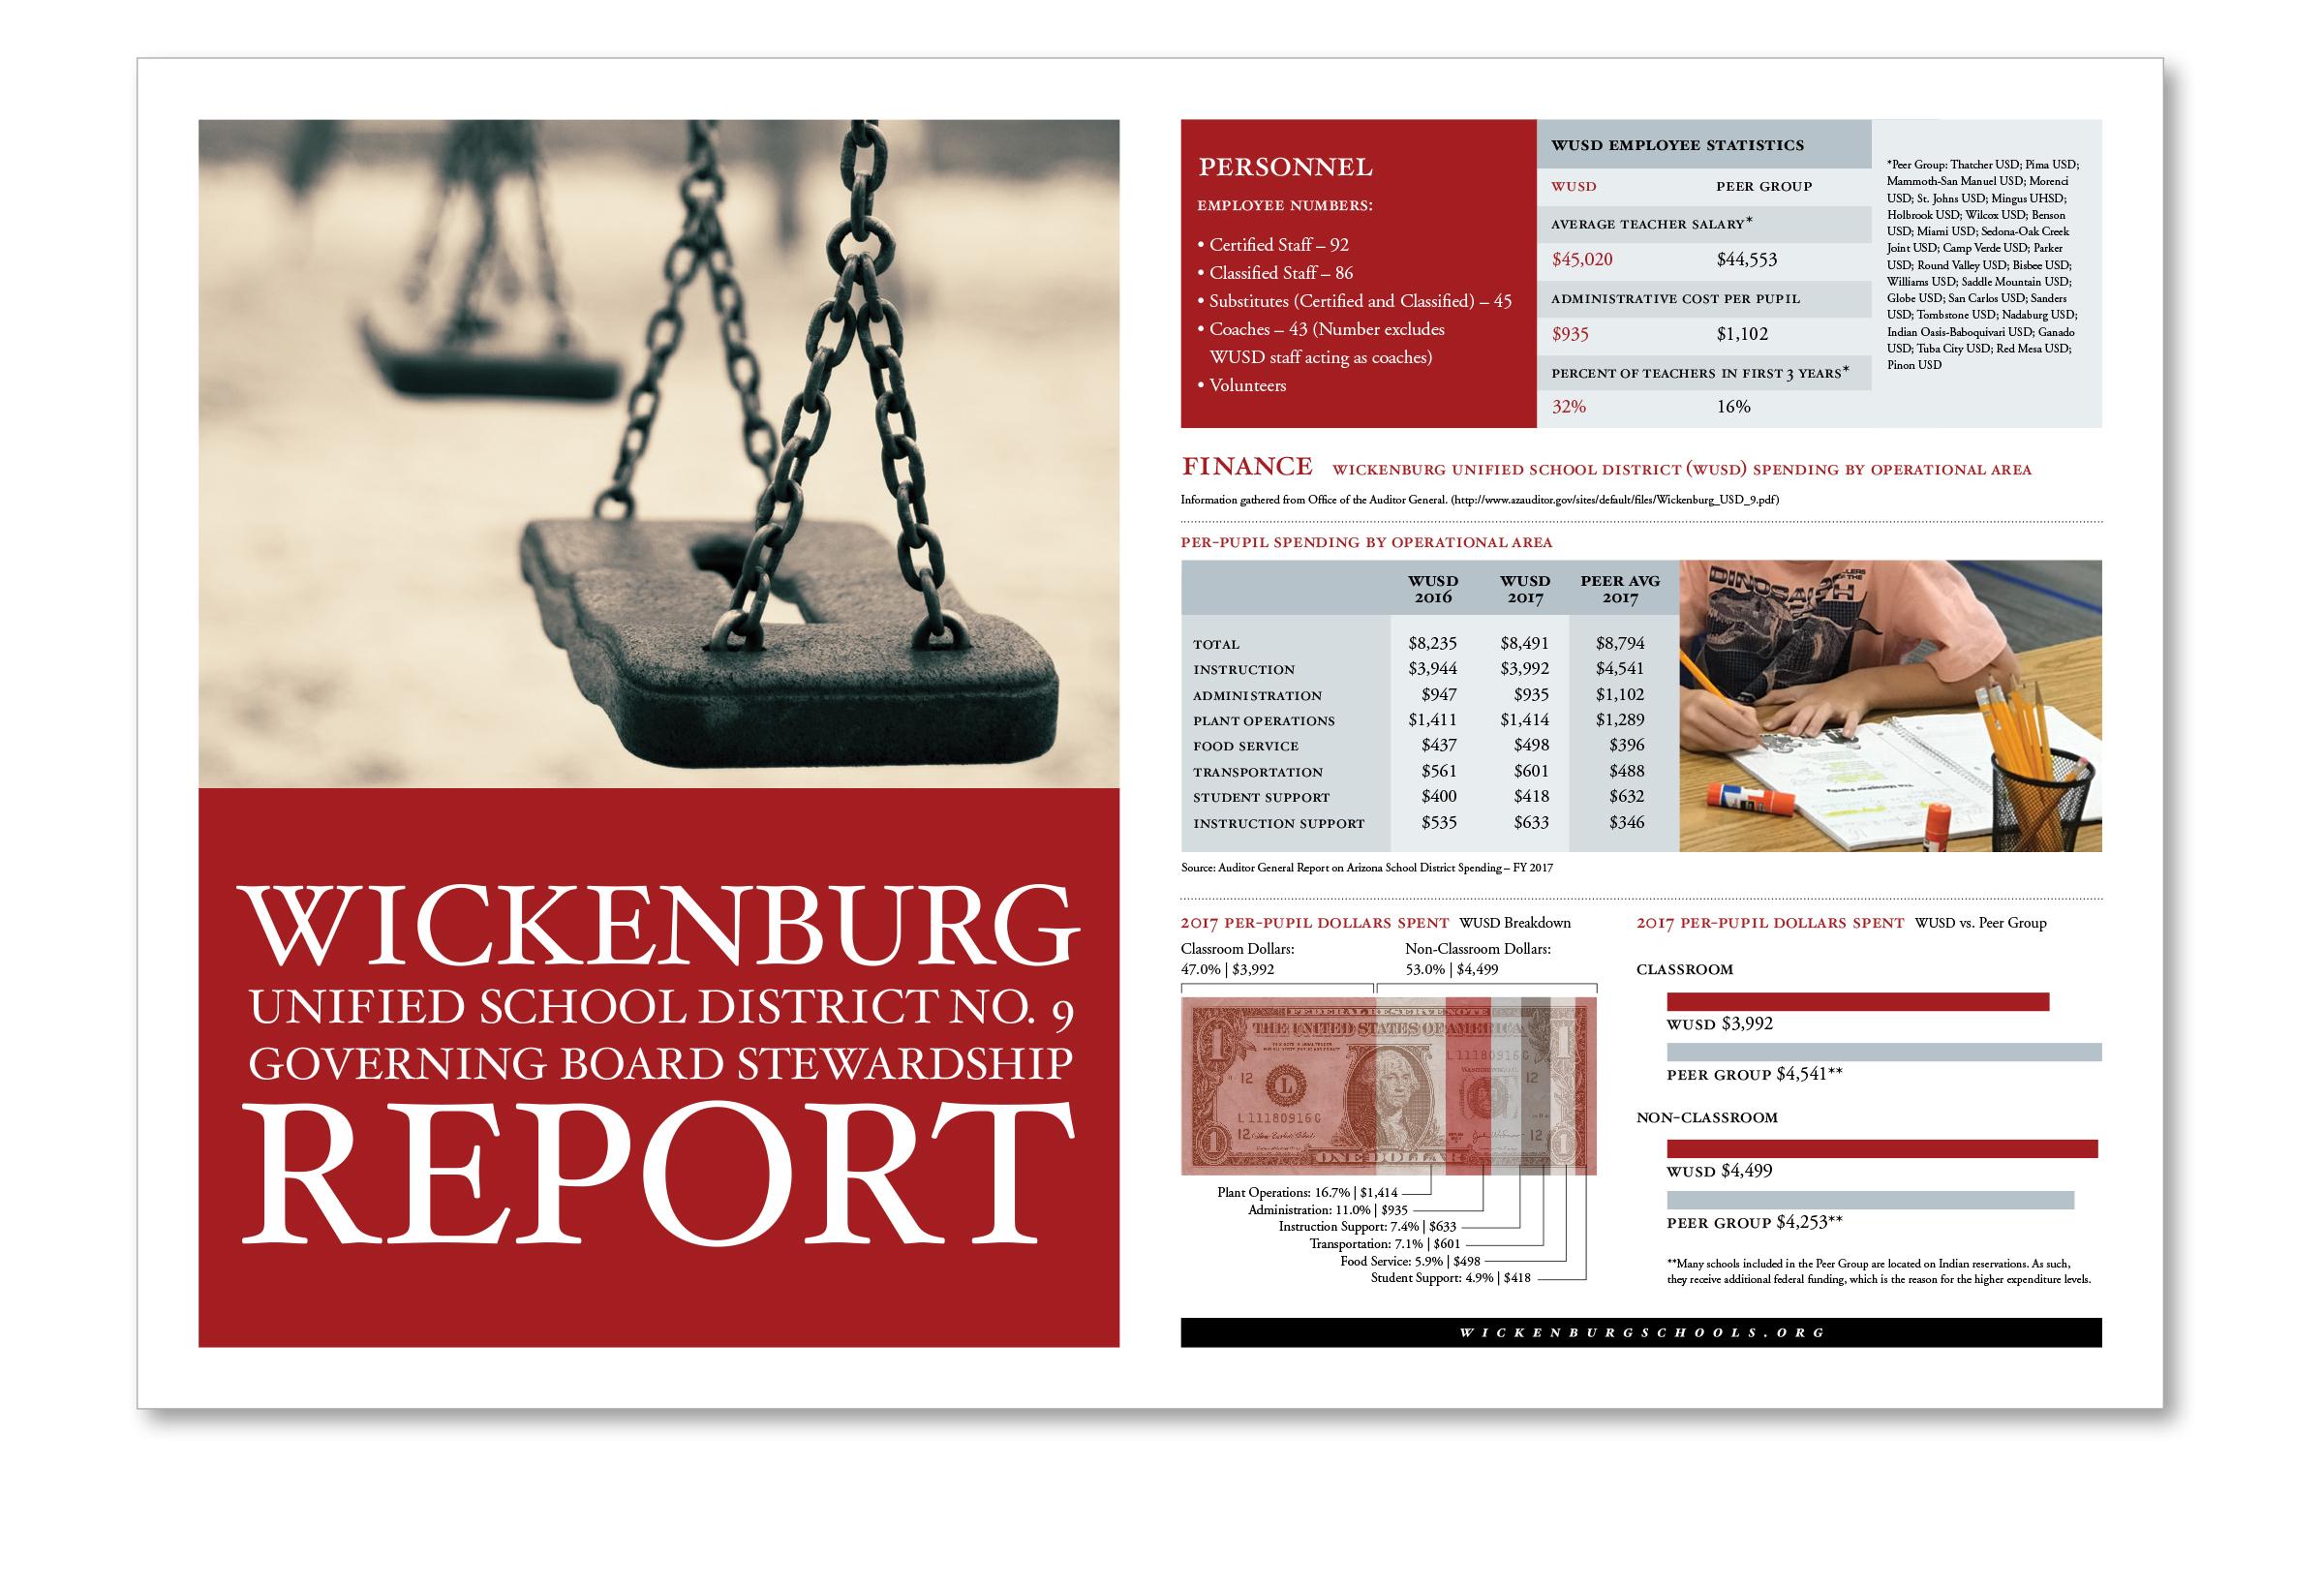 School District Stewardship Report